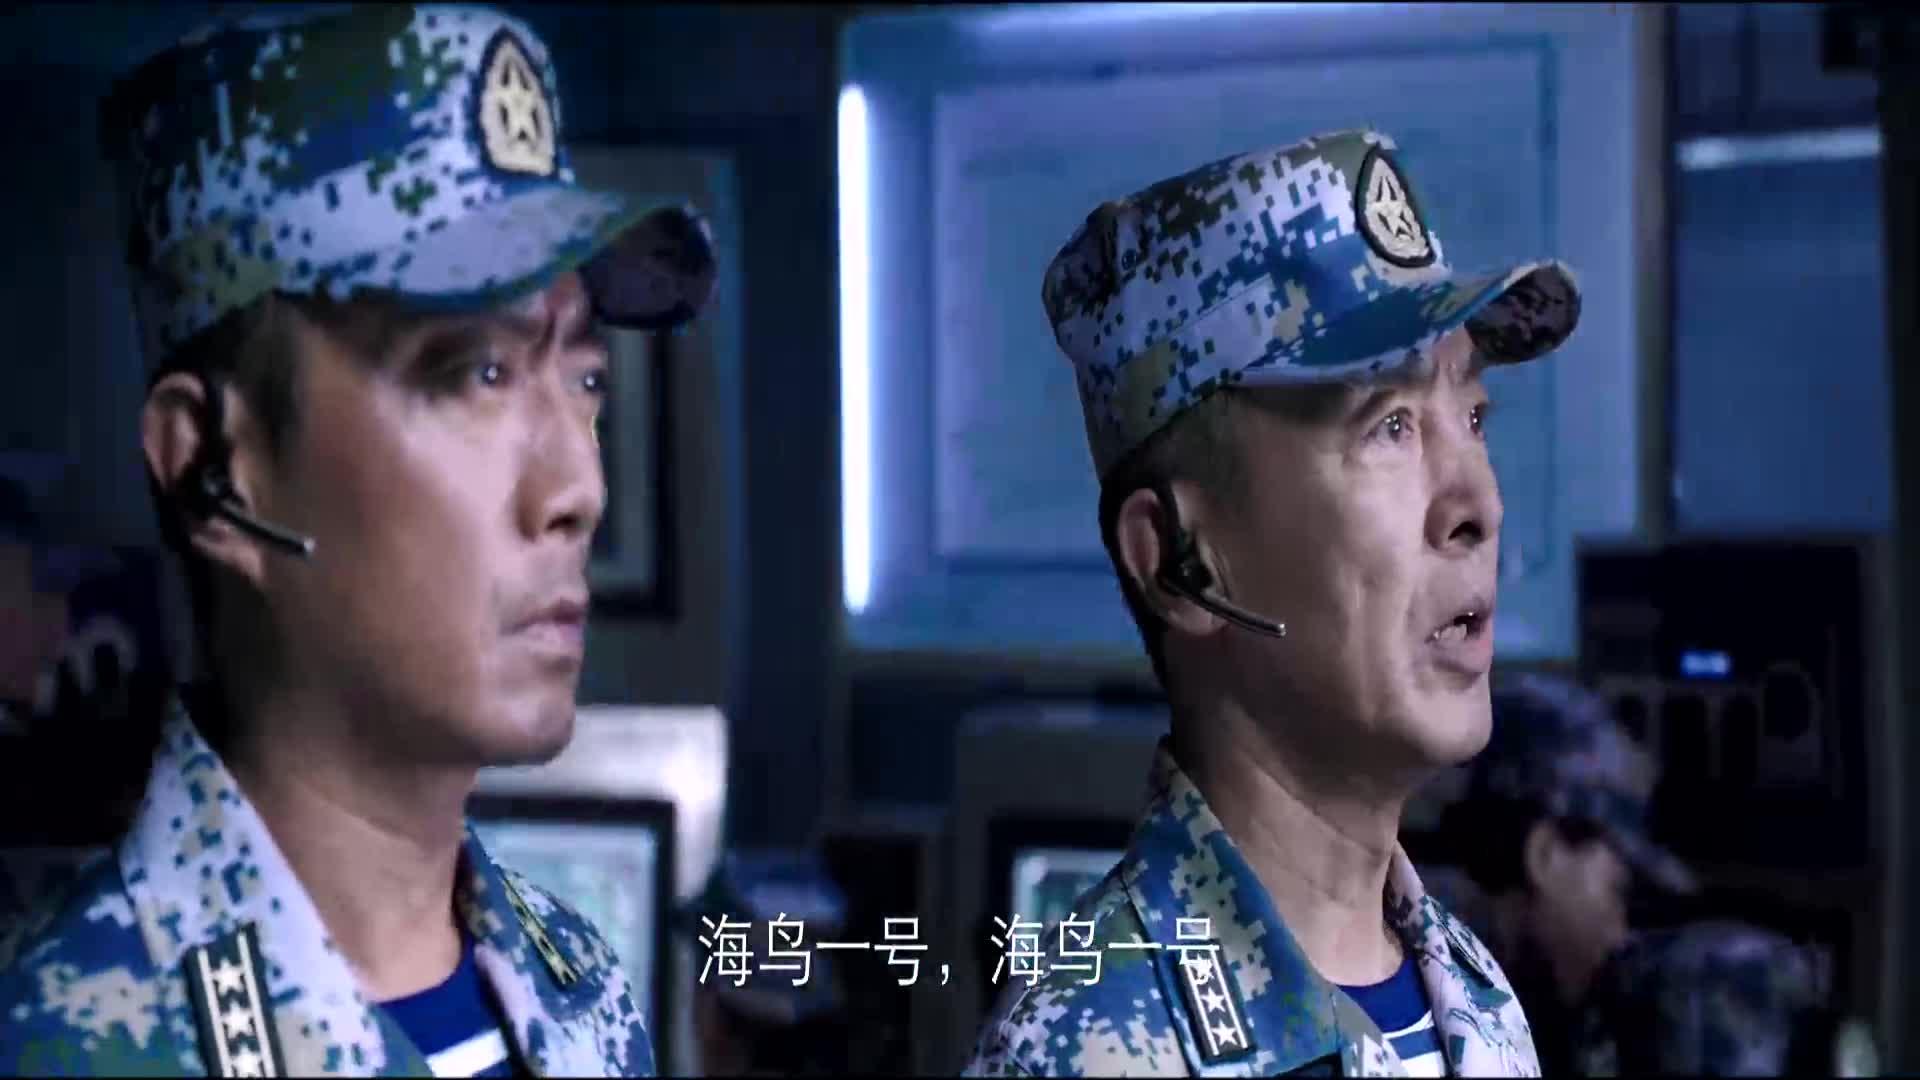 #红海行动#中国特种部队强抓海盗,超强狙击手实力抢镜,霸气